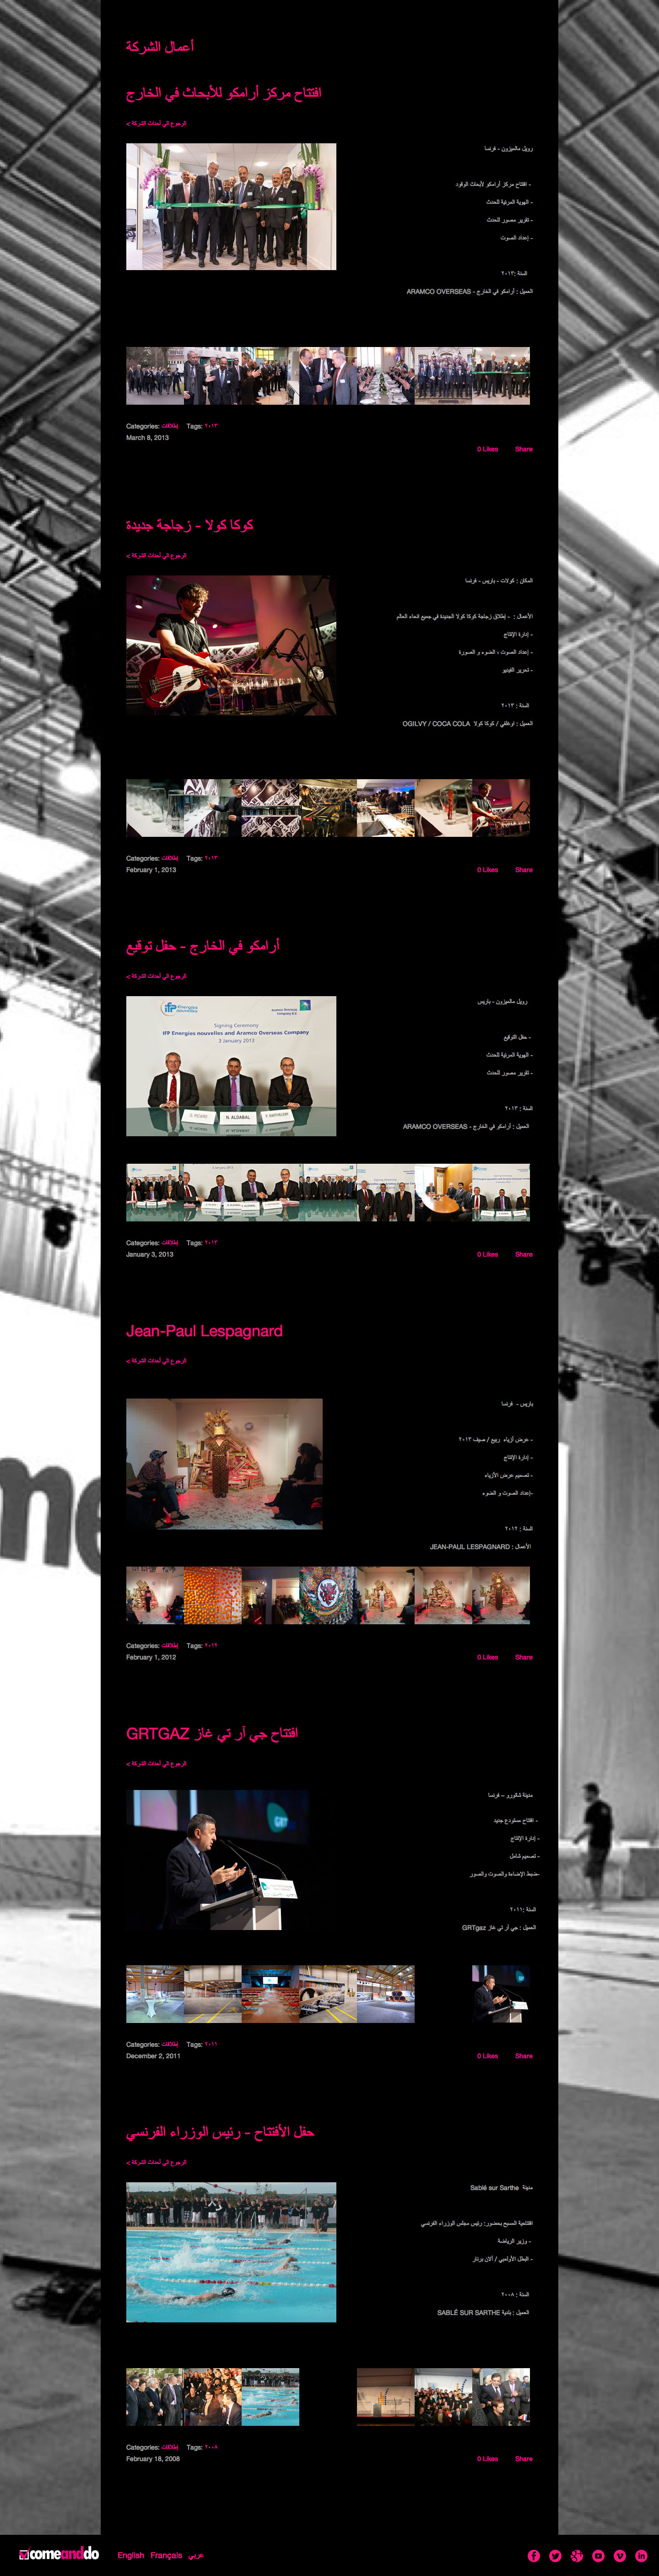 أعمال-الشركة-—-ComeAndDo.jpg